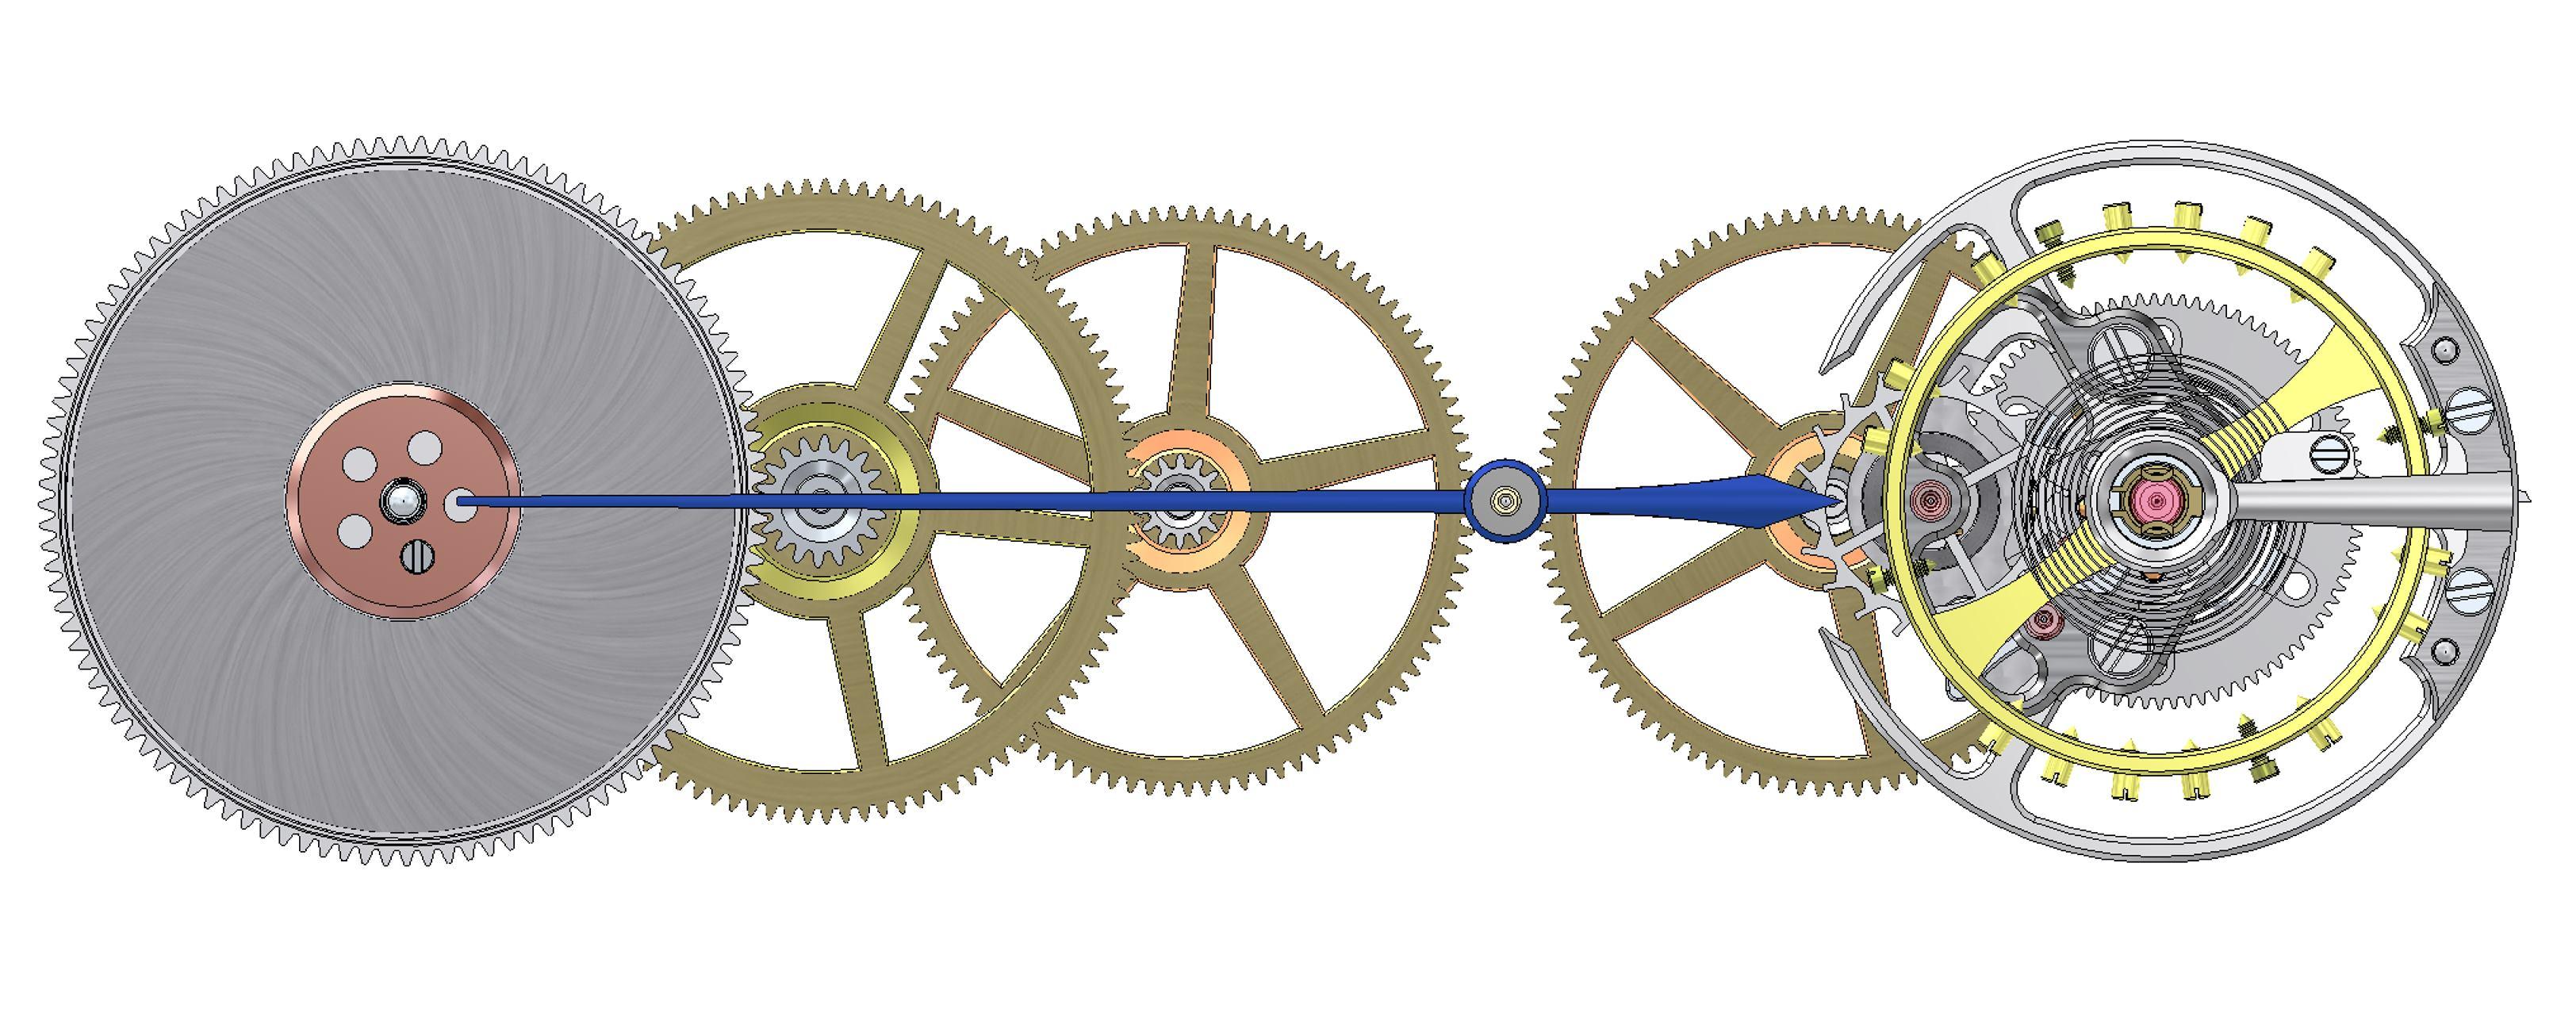 Elementos básicos de un reloj